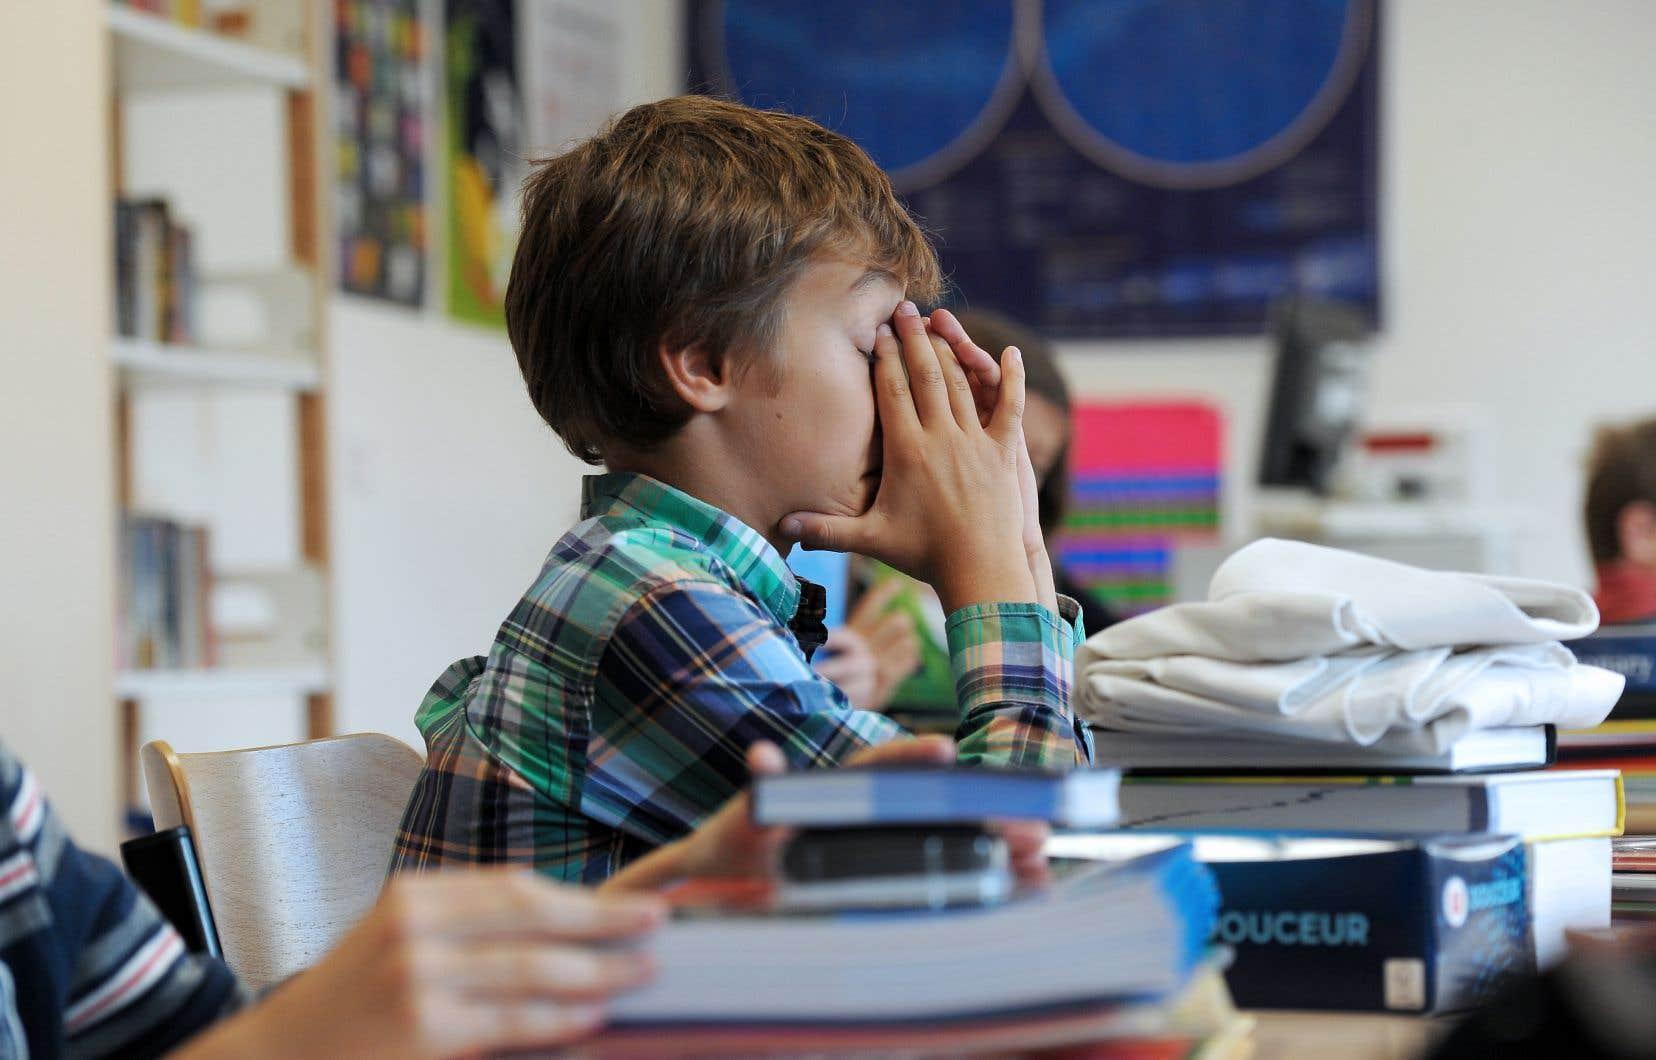 <p>La dyslexie toucherait quelque 700millions de personnes dans le monde.</p>